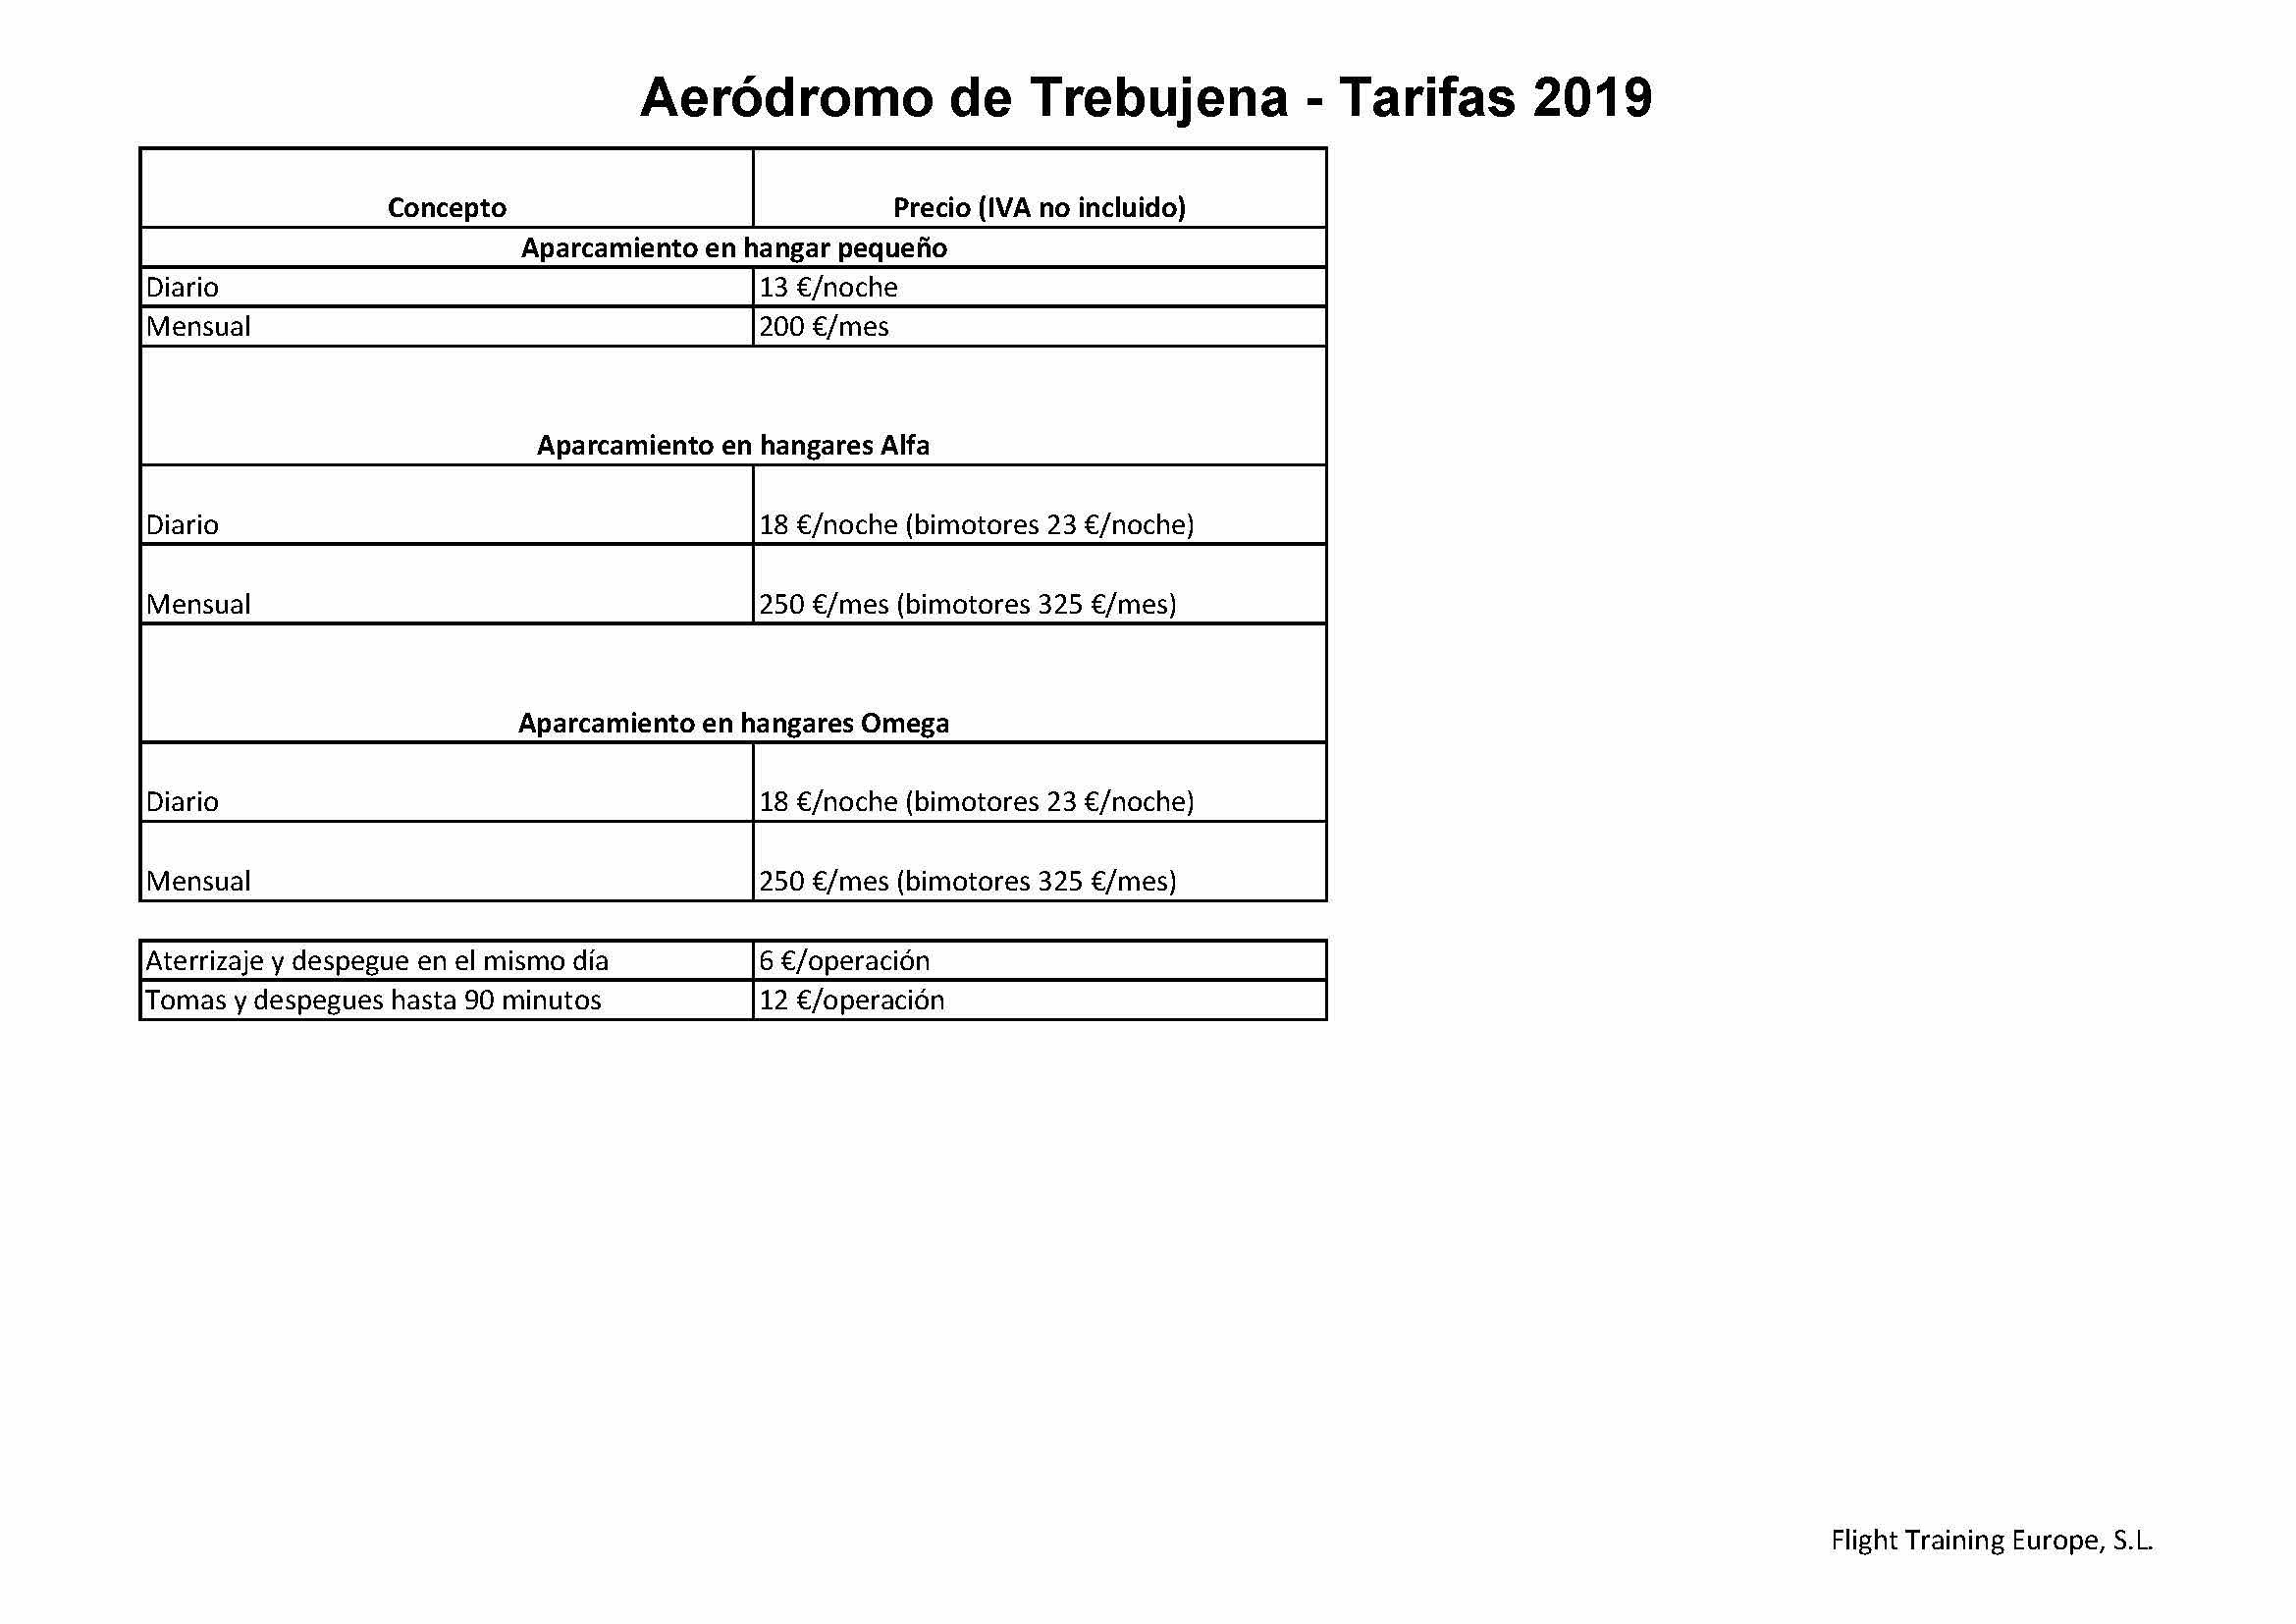 2019 aeródromo Trebujena tarifas